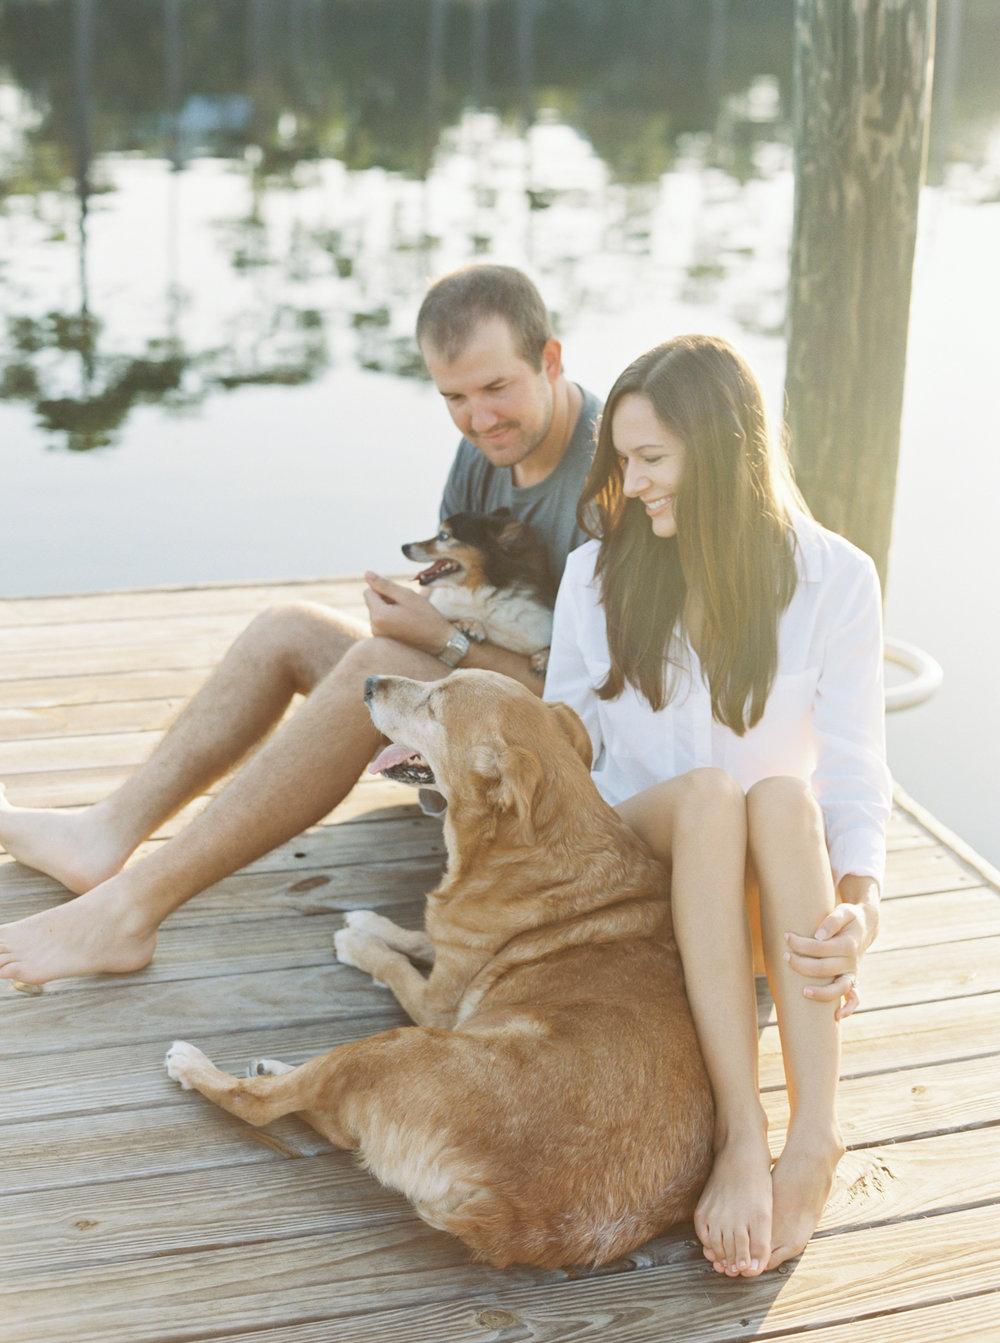 Kaylie&Cory&Pups-1003.jpg